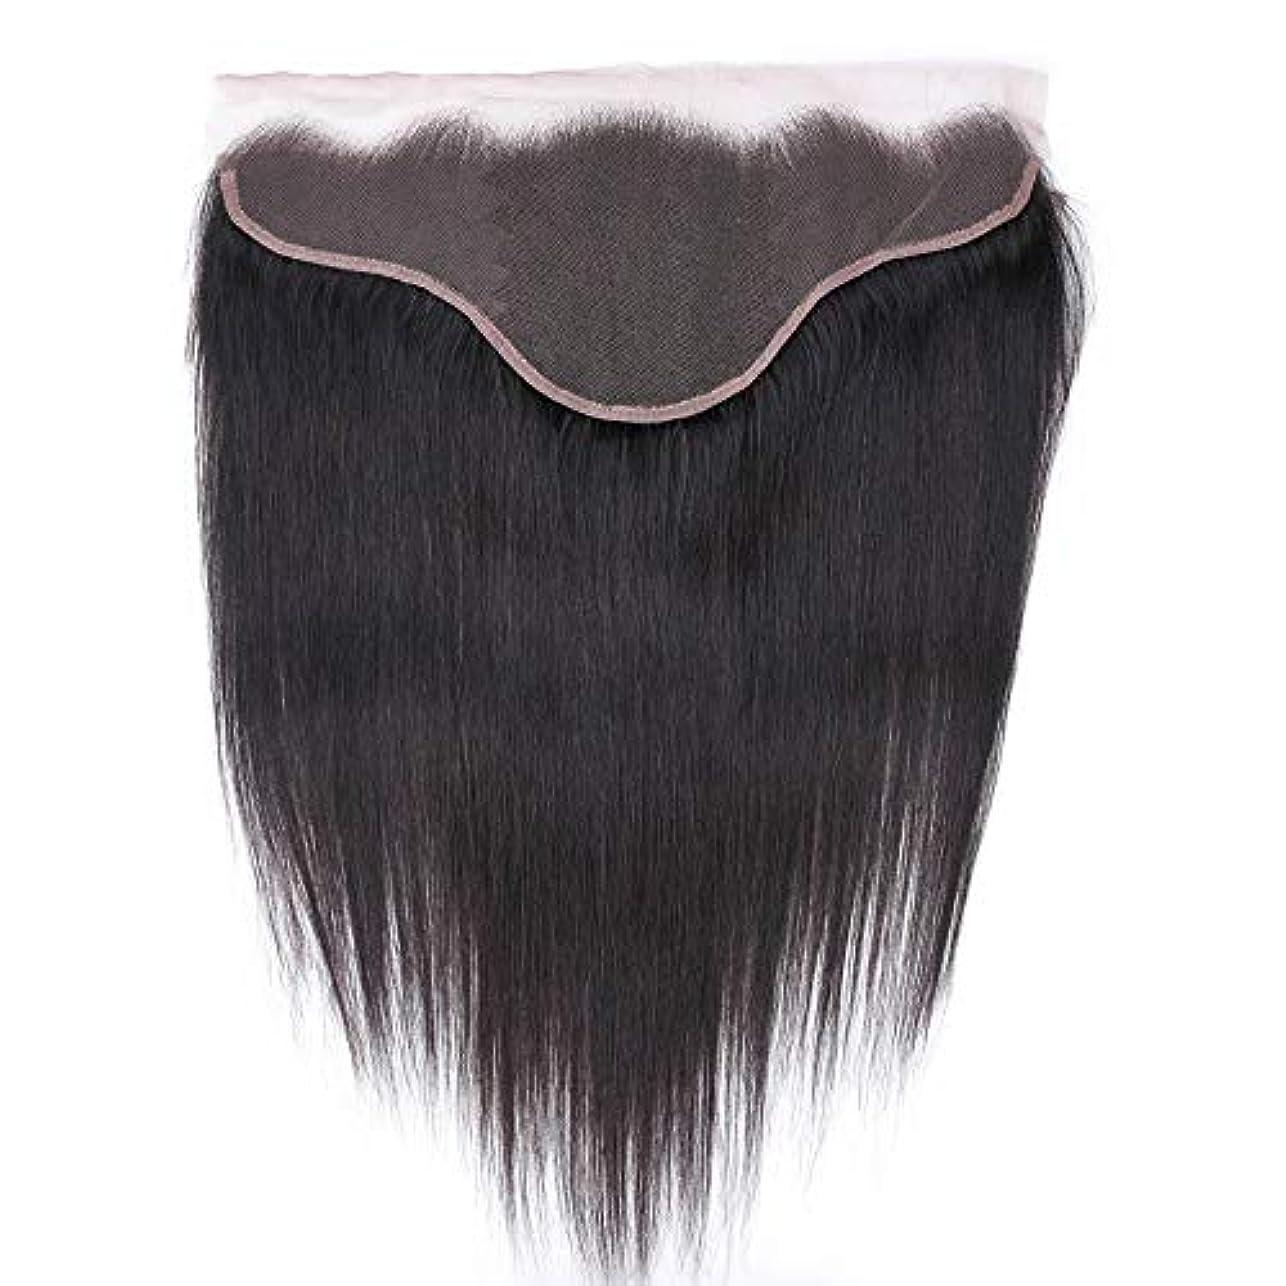 シールド気づくなる冷ややかなWASAIO 女性13X6のためのショートバングウィッグロングフィンガー波状のかつらストレートレースフロンタル閉鎖無料パートナチュラルブラックカラー (色 : 黒, サイズ : 18 inch)